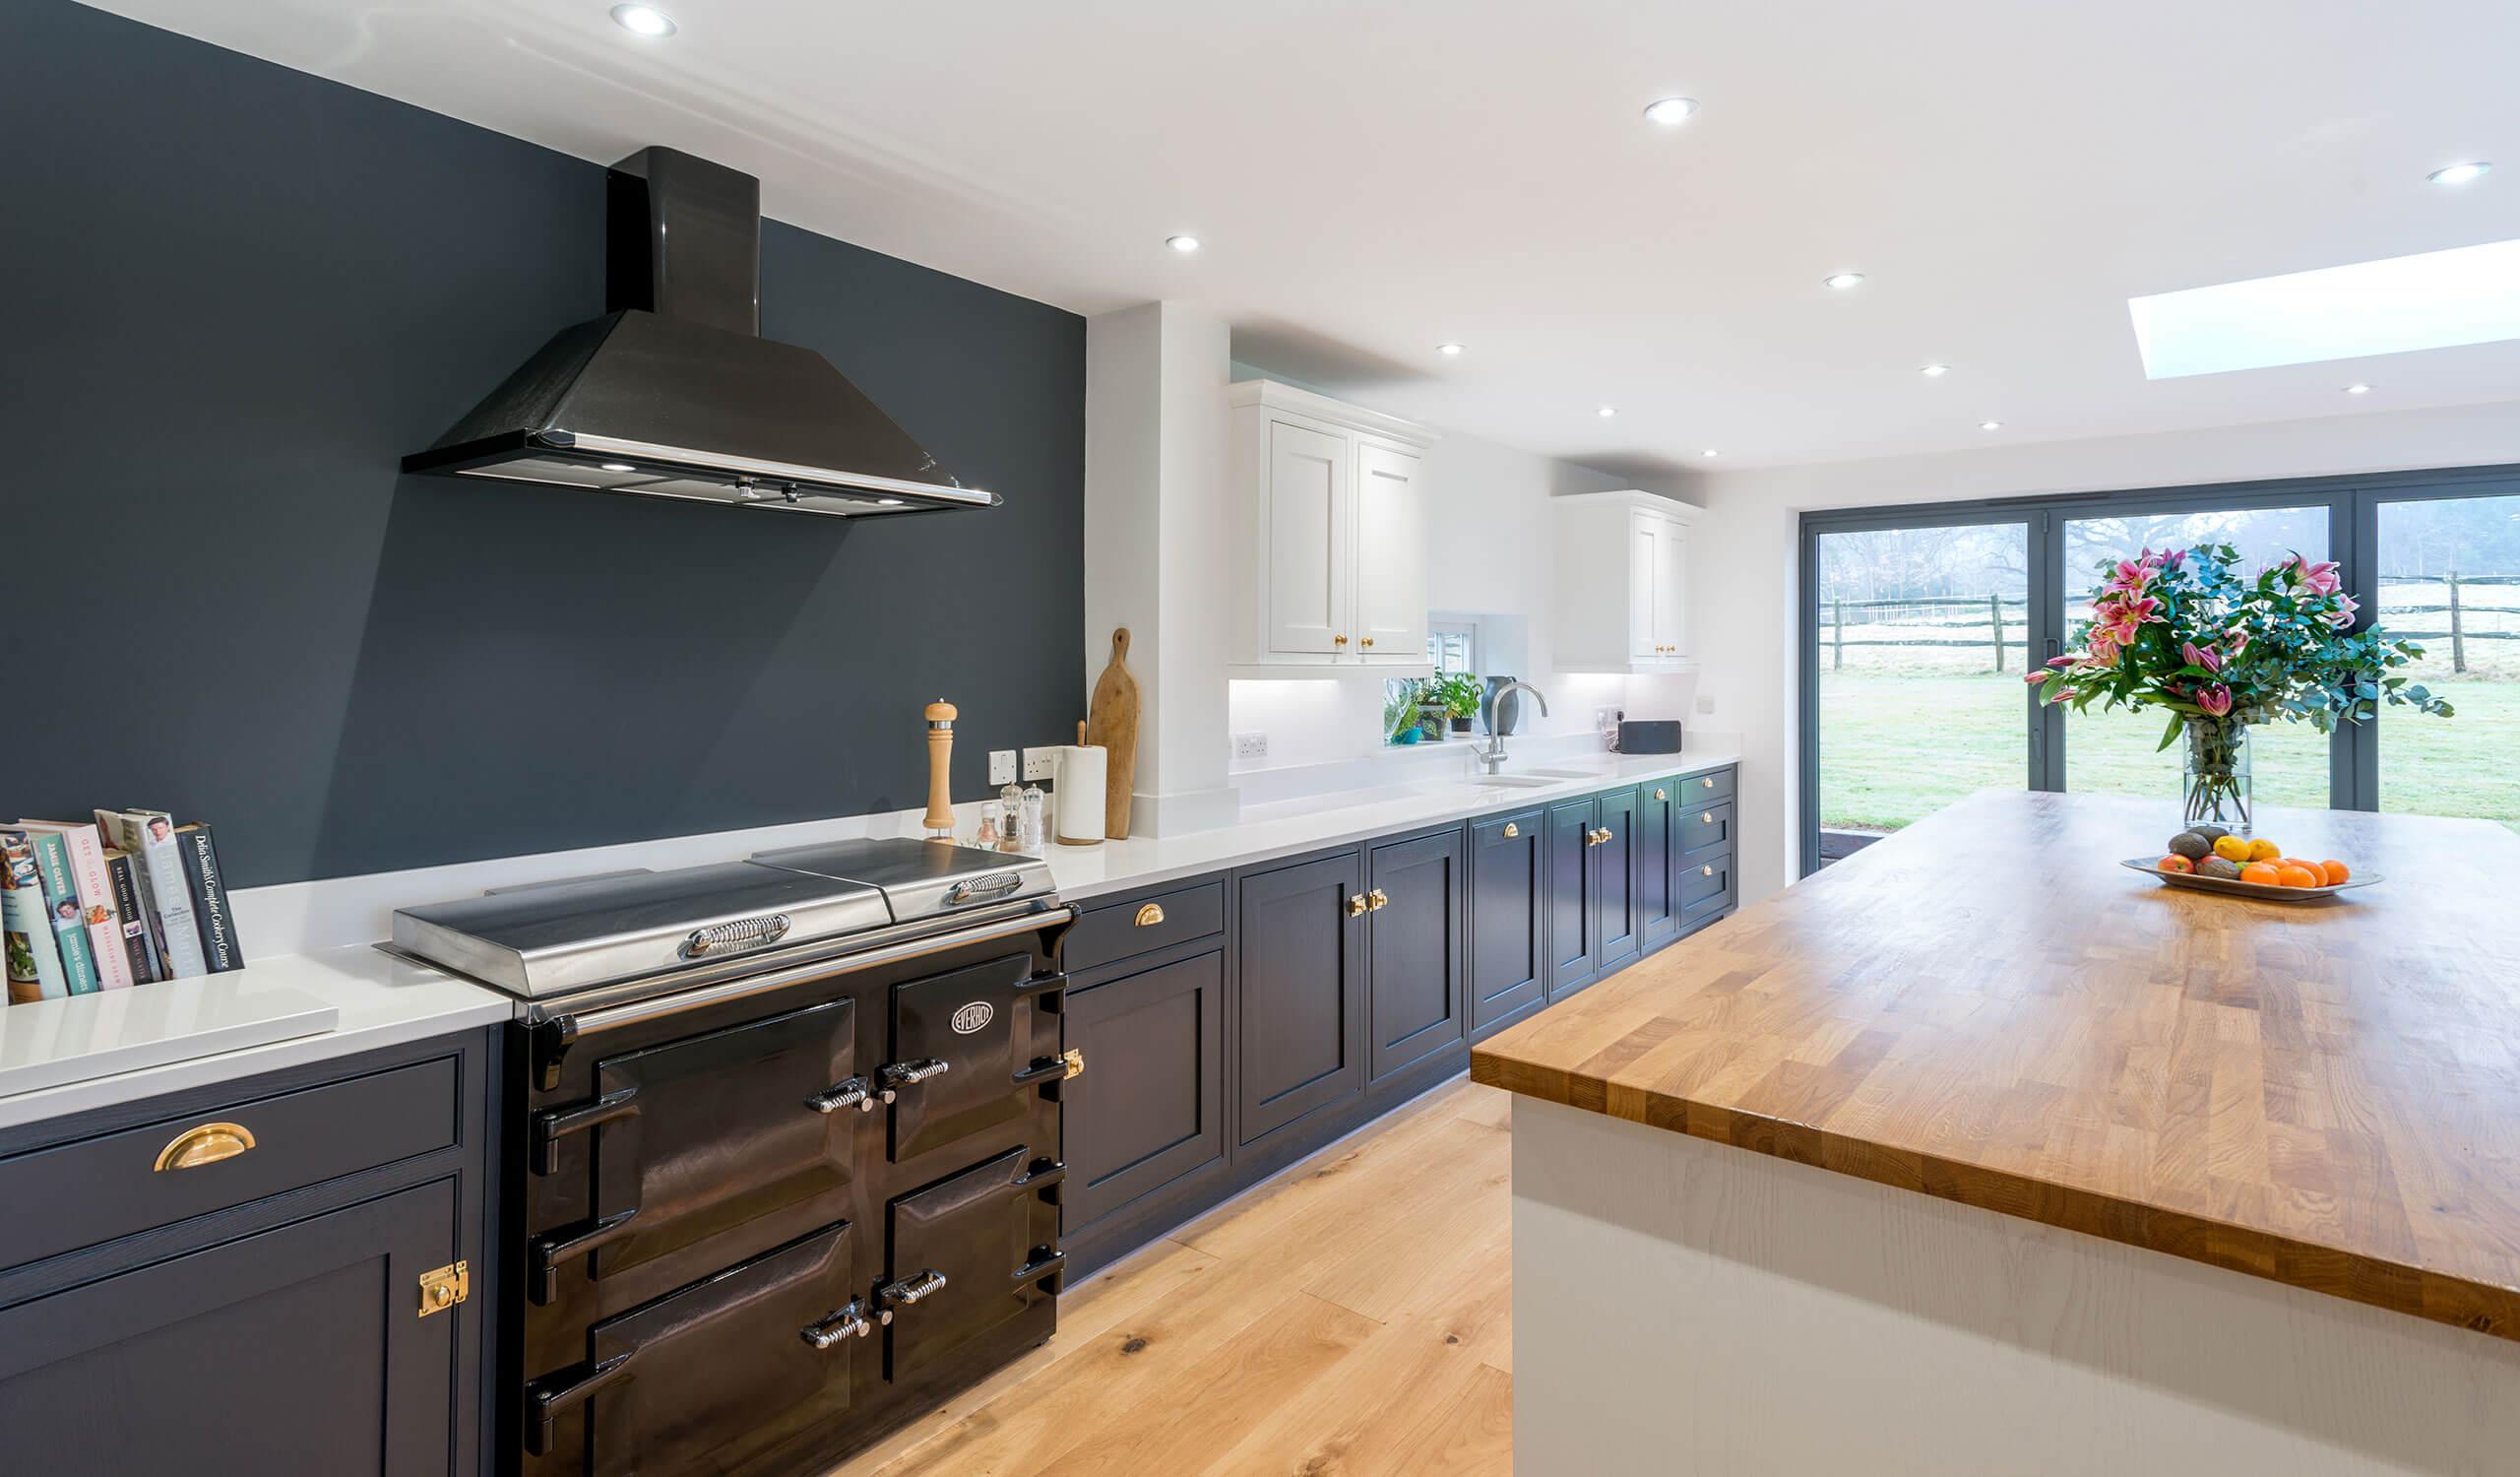 Sussex Kitchen Installation Kitchen Style Guide Hamilton Stone Design